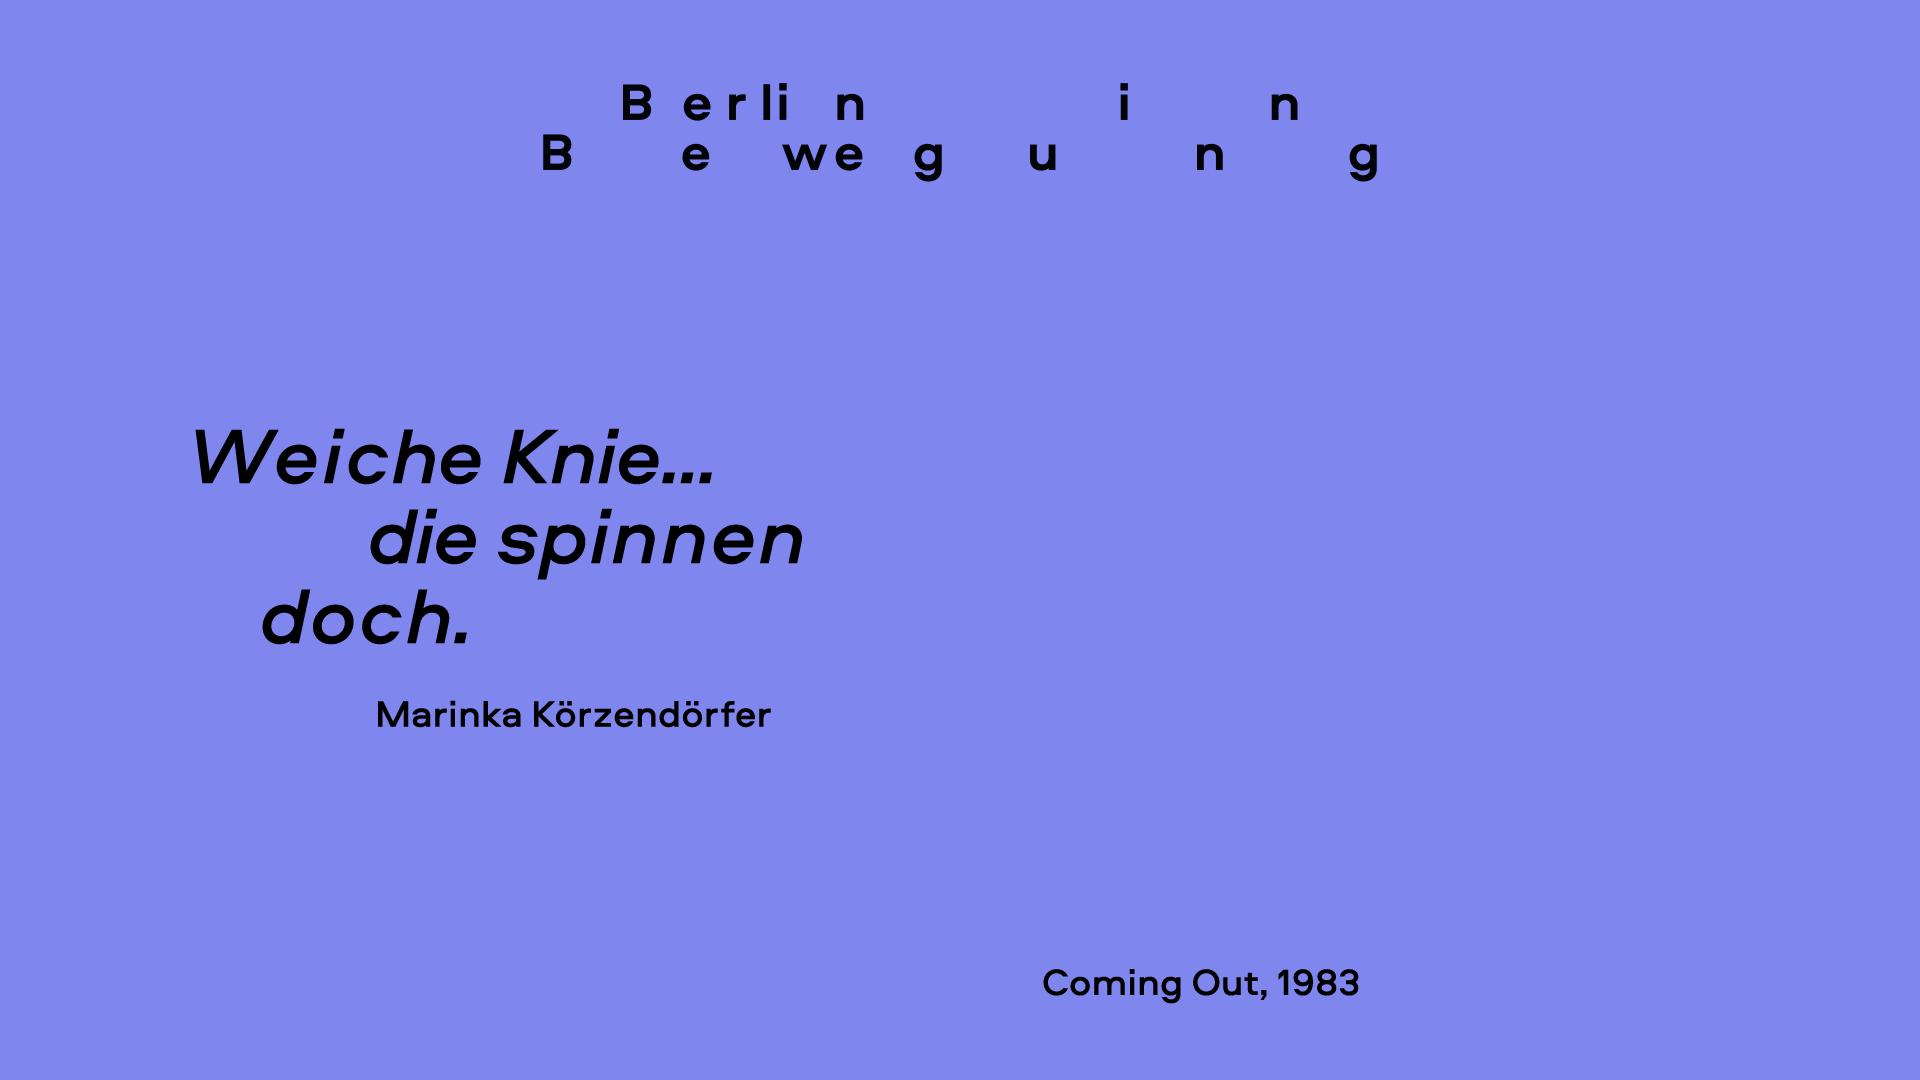 Zeitzeug*innen-Interview mit Marinka Körzendörfer im Rahmen des Projektes Berlin in Bewegung